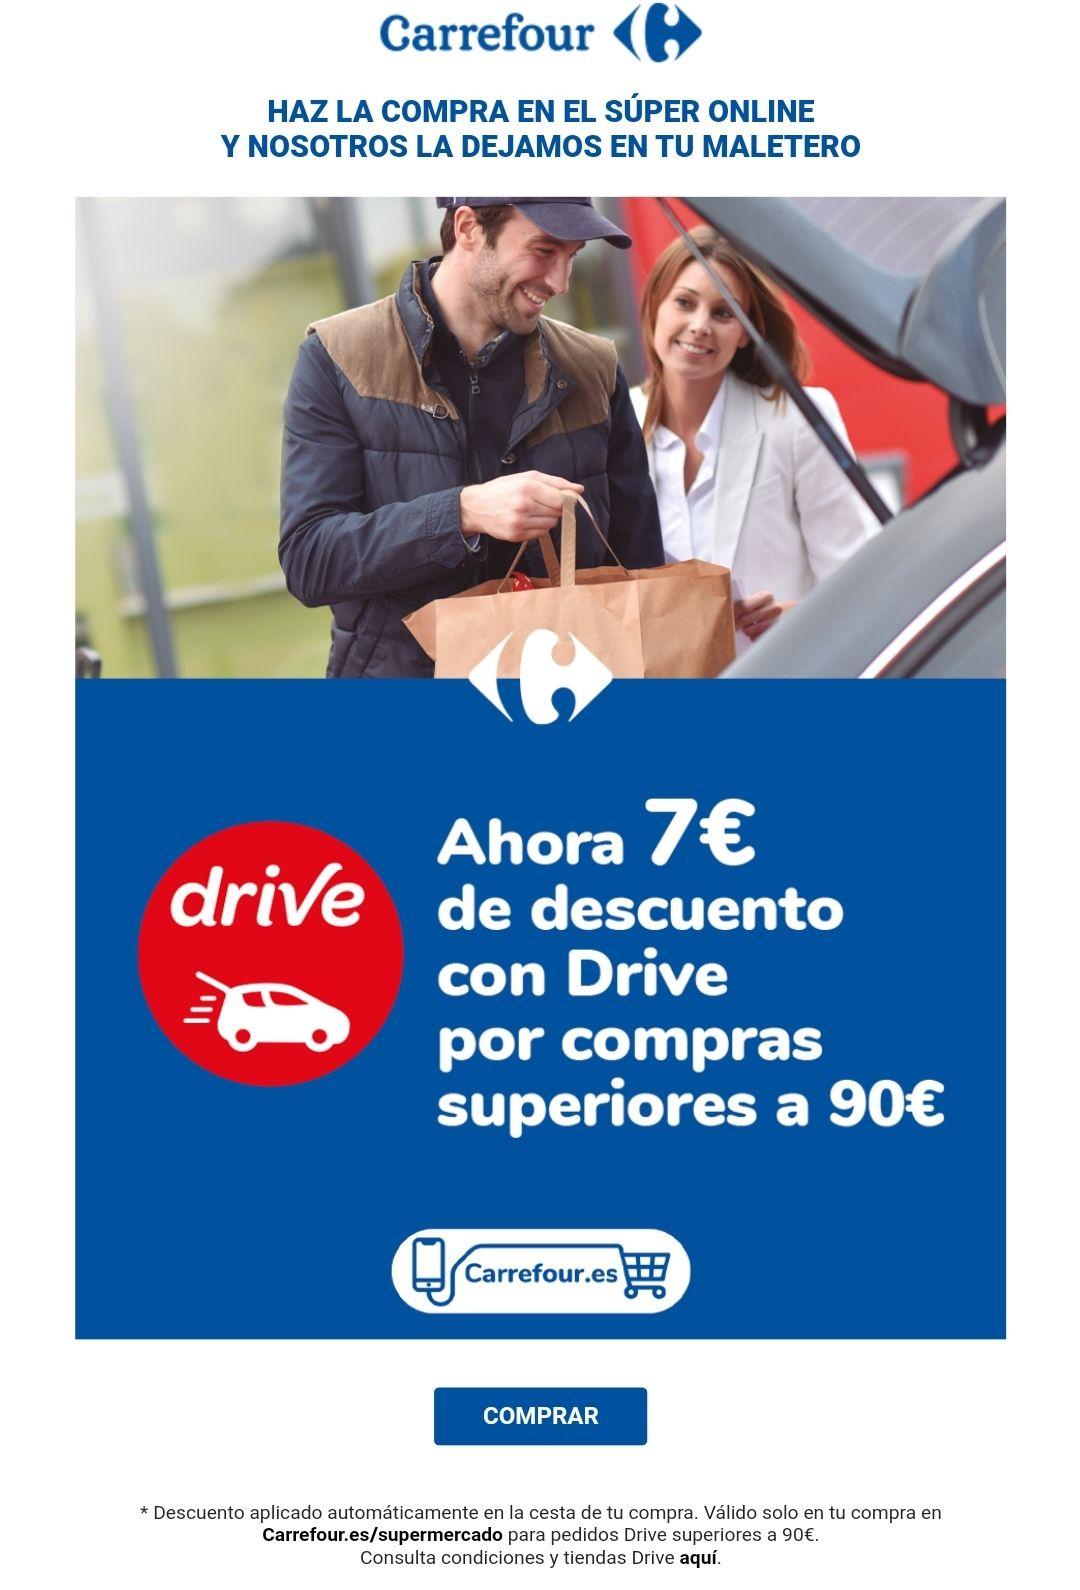 7€ de descuento con Drive por compras superiores a 90€